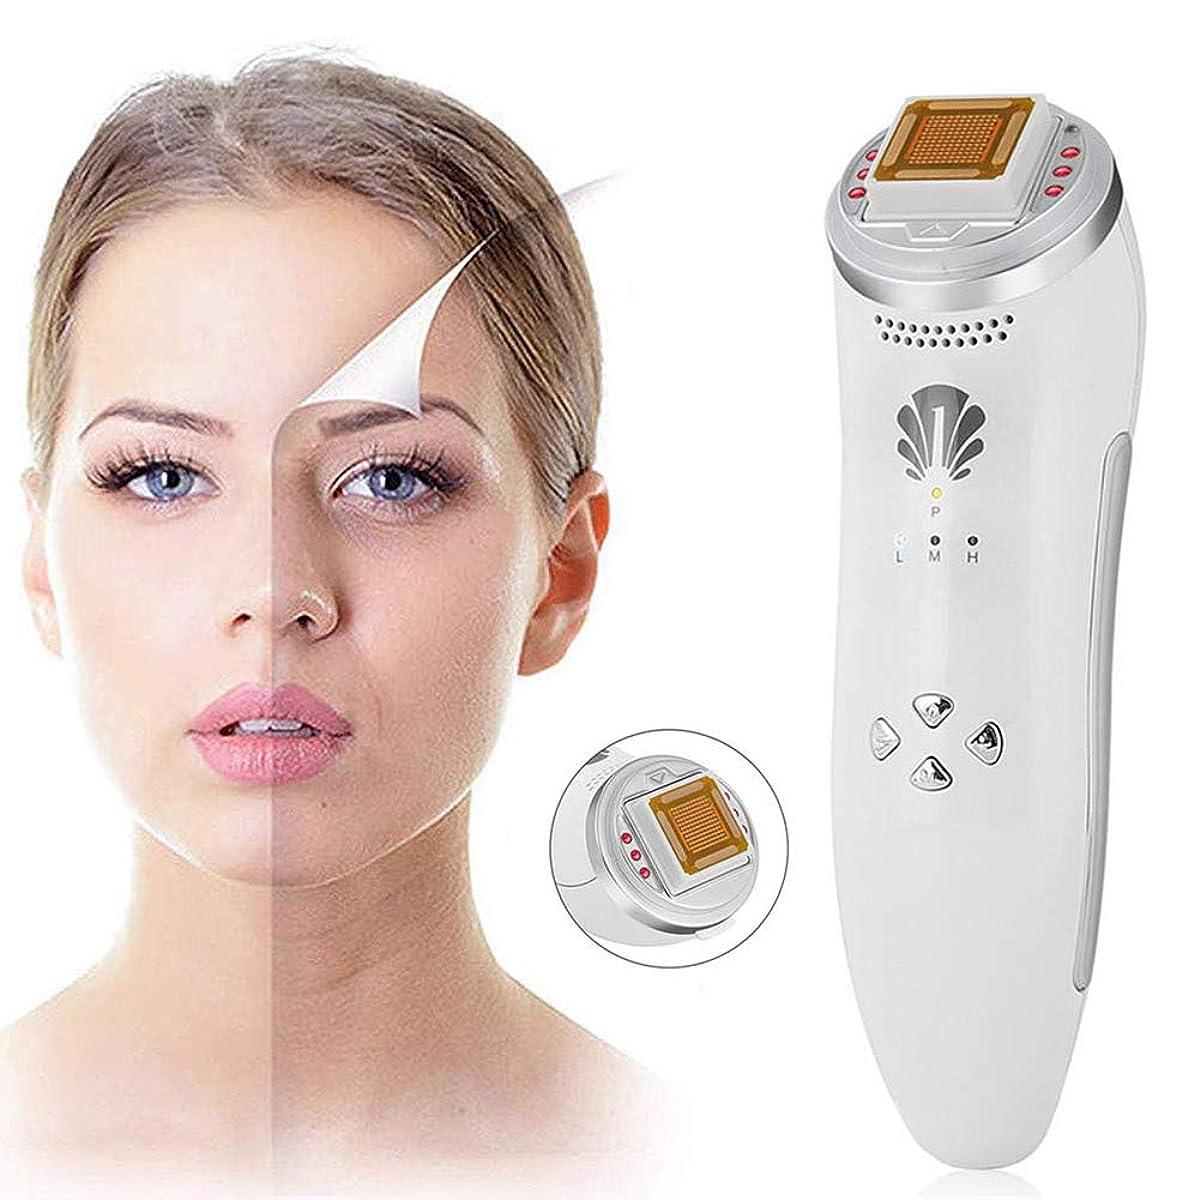 植木局みすぼらしいしわのためのフェイスリフト装置の皮のきつく締まる機械は顔のマッサージャー多機能のスキンケアの美の器械を取除きます